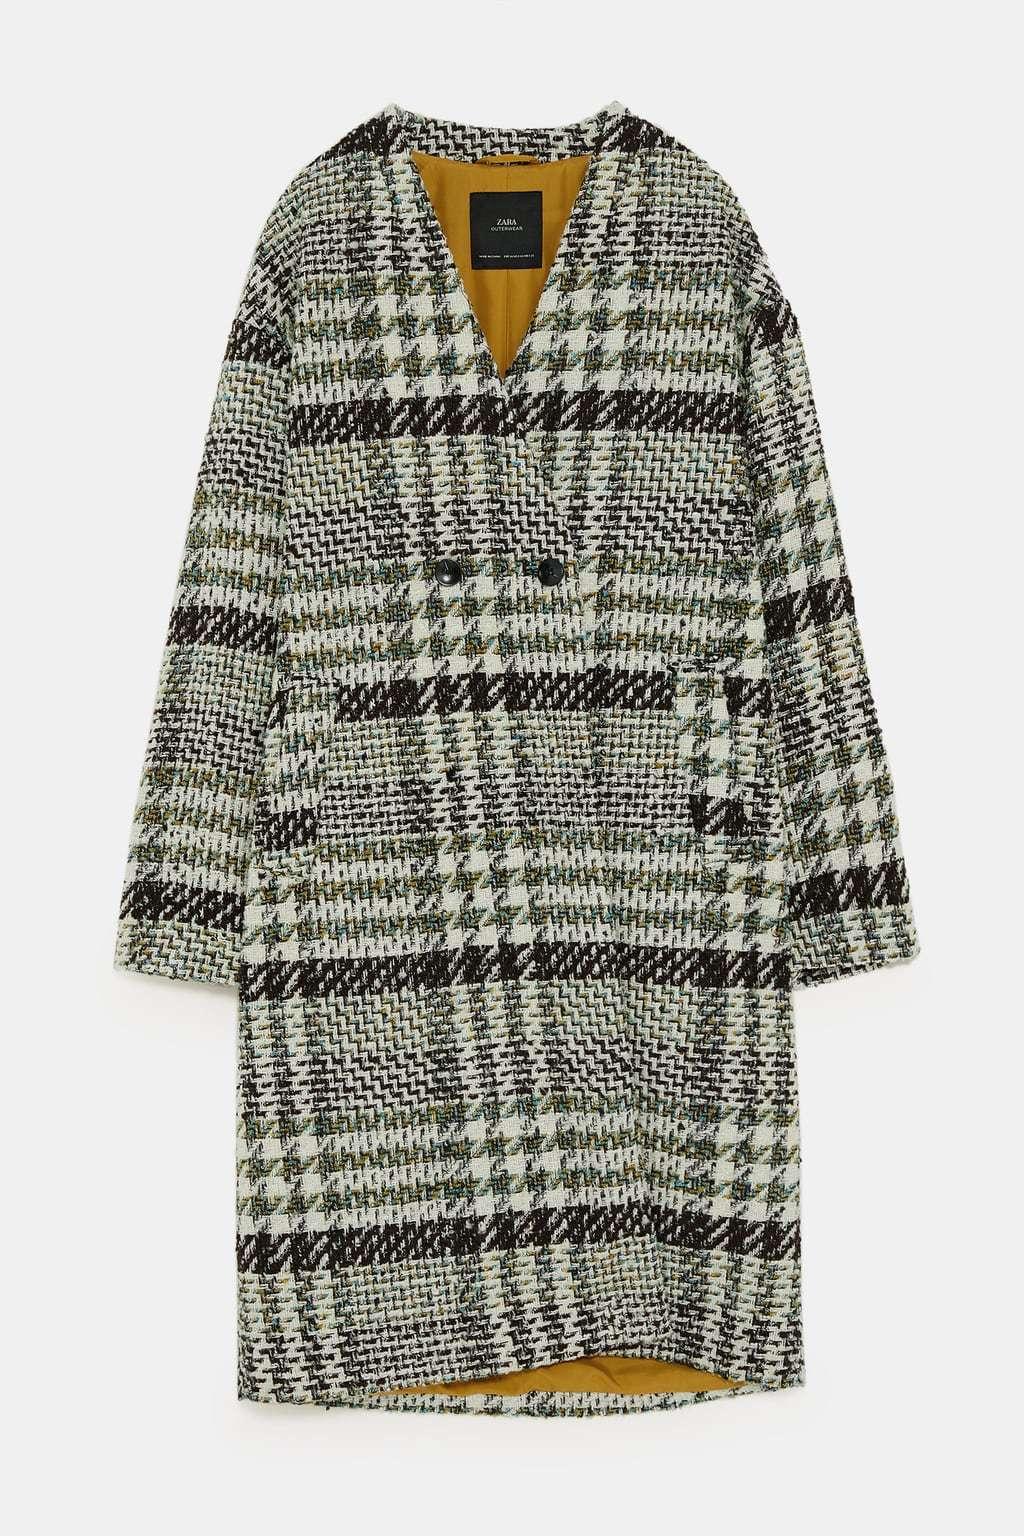 Abrigo cuadros con tejido tweed (25,95 euros).